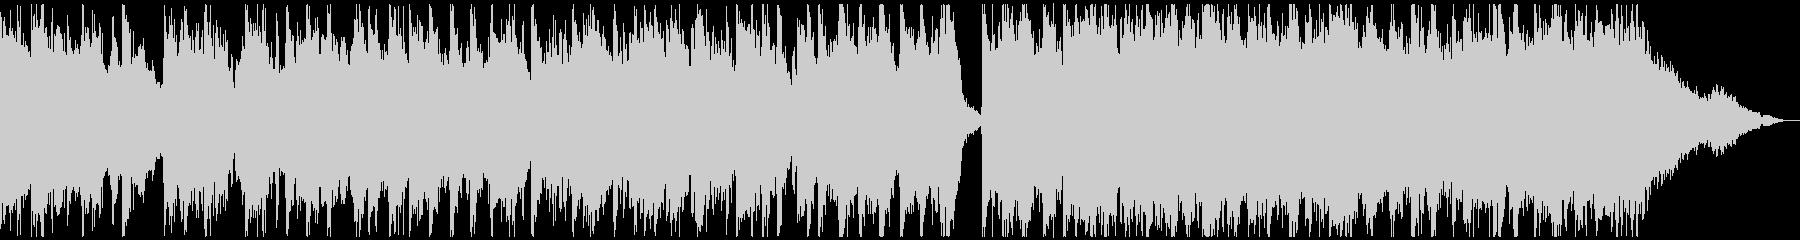 卒業 ピアノ バイオリン 1分の未再生の波形